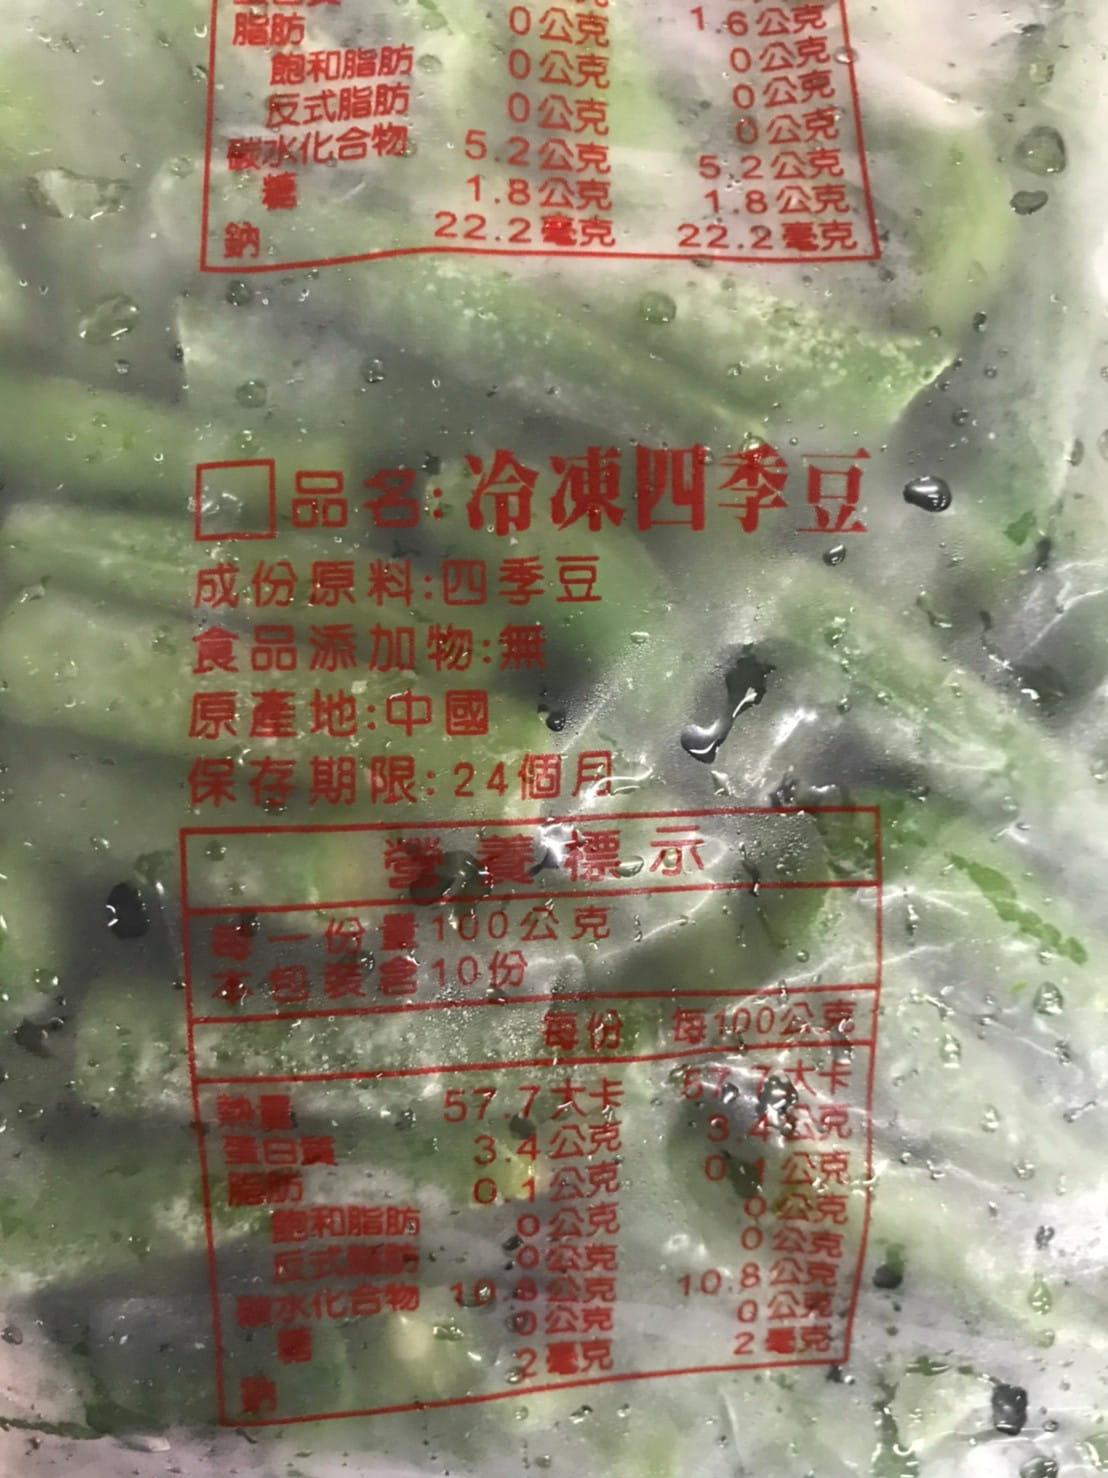 《極鮮配》體好壯壯超新鮮零脂肪冷凍蔬菜 6